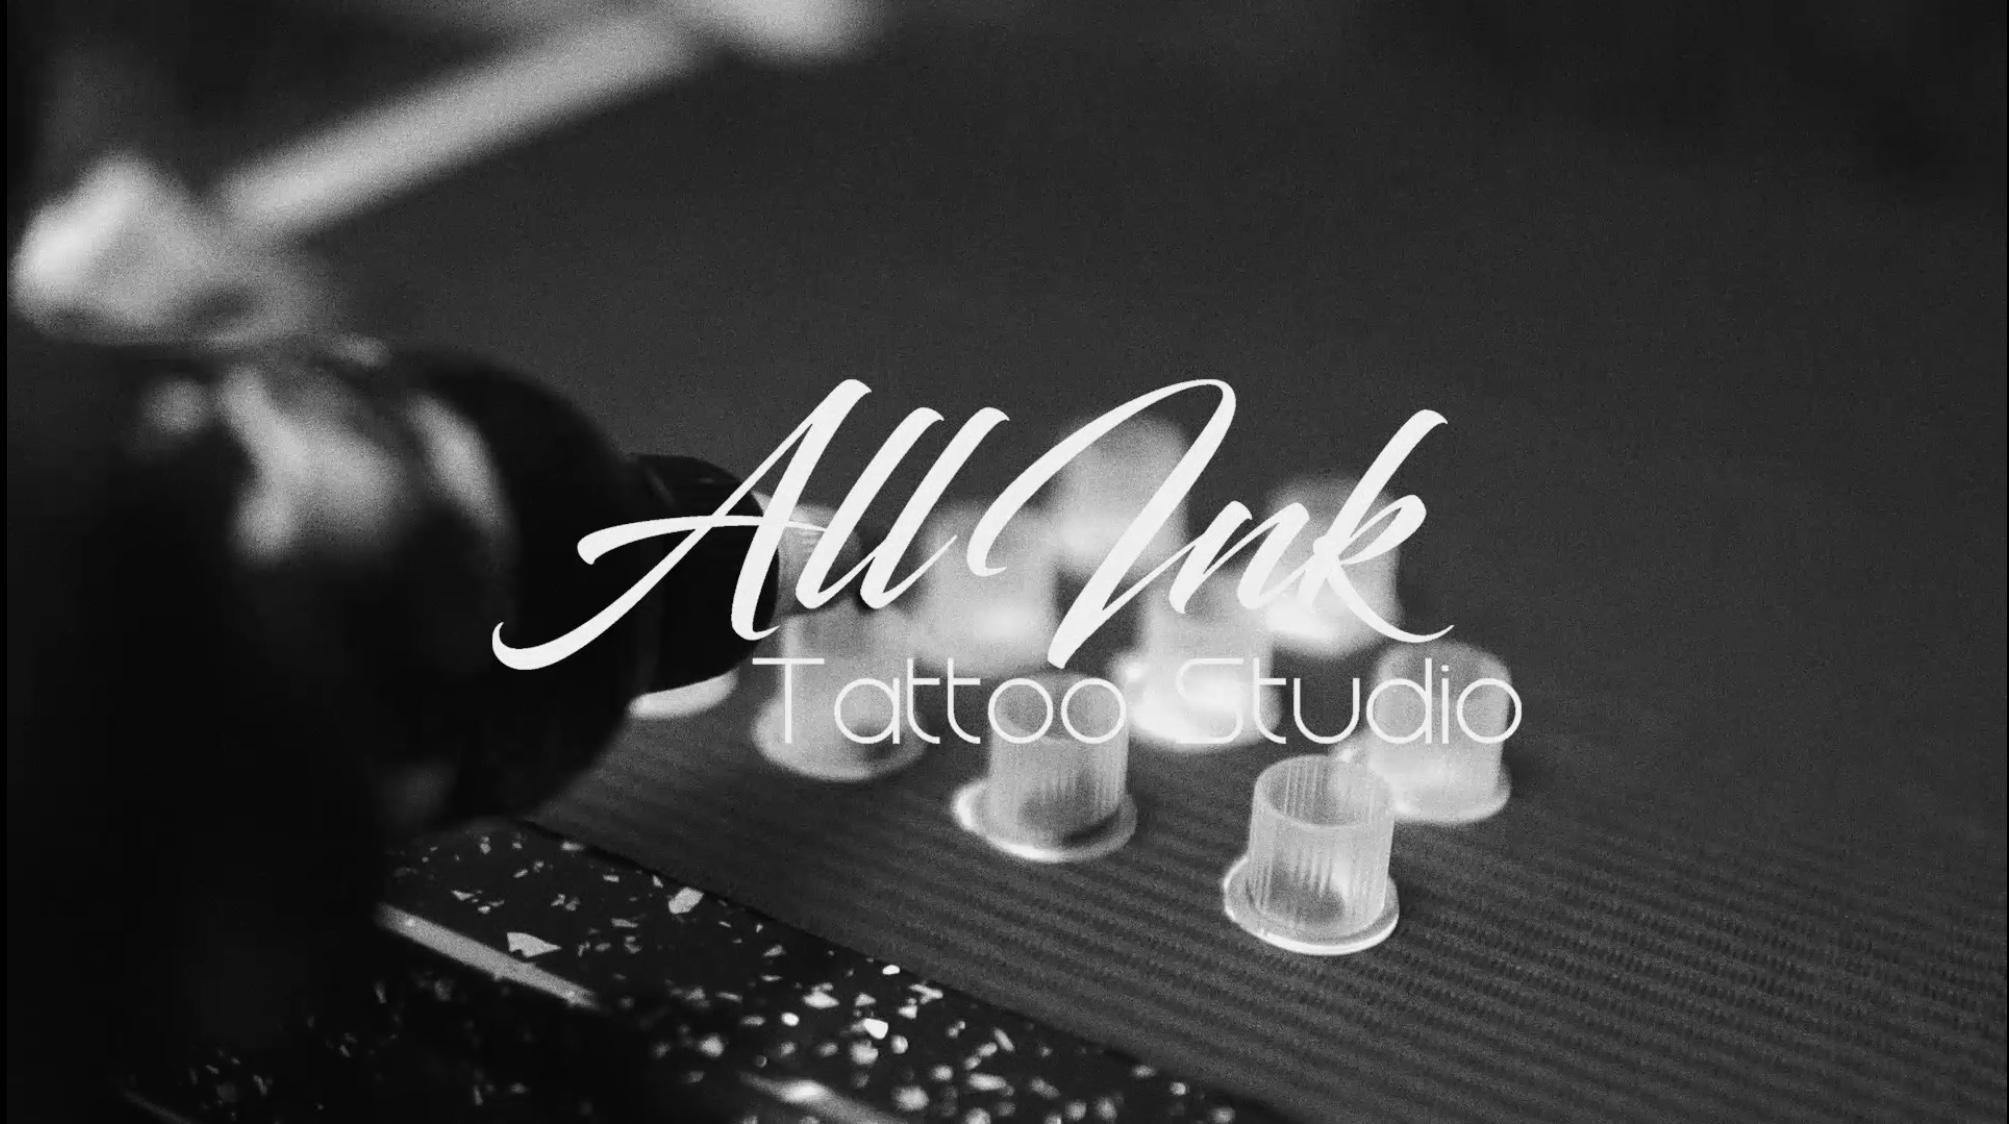 Best Tattoo Tattooist Sheffield